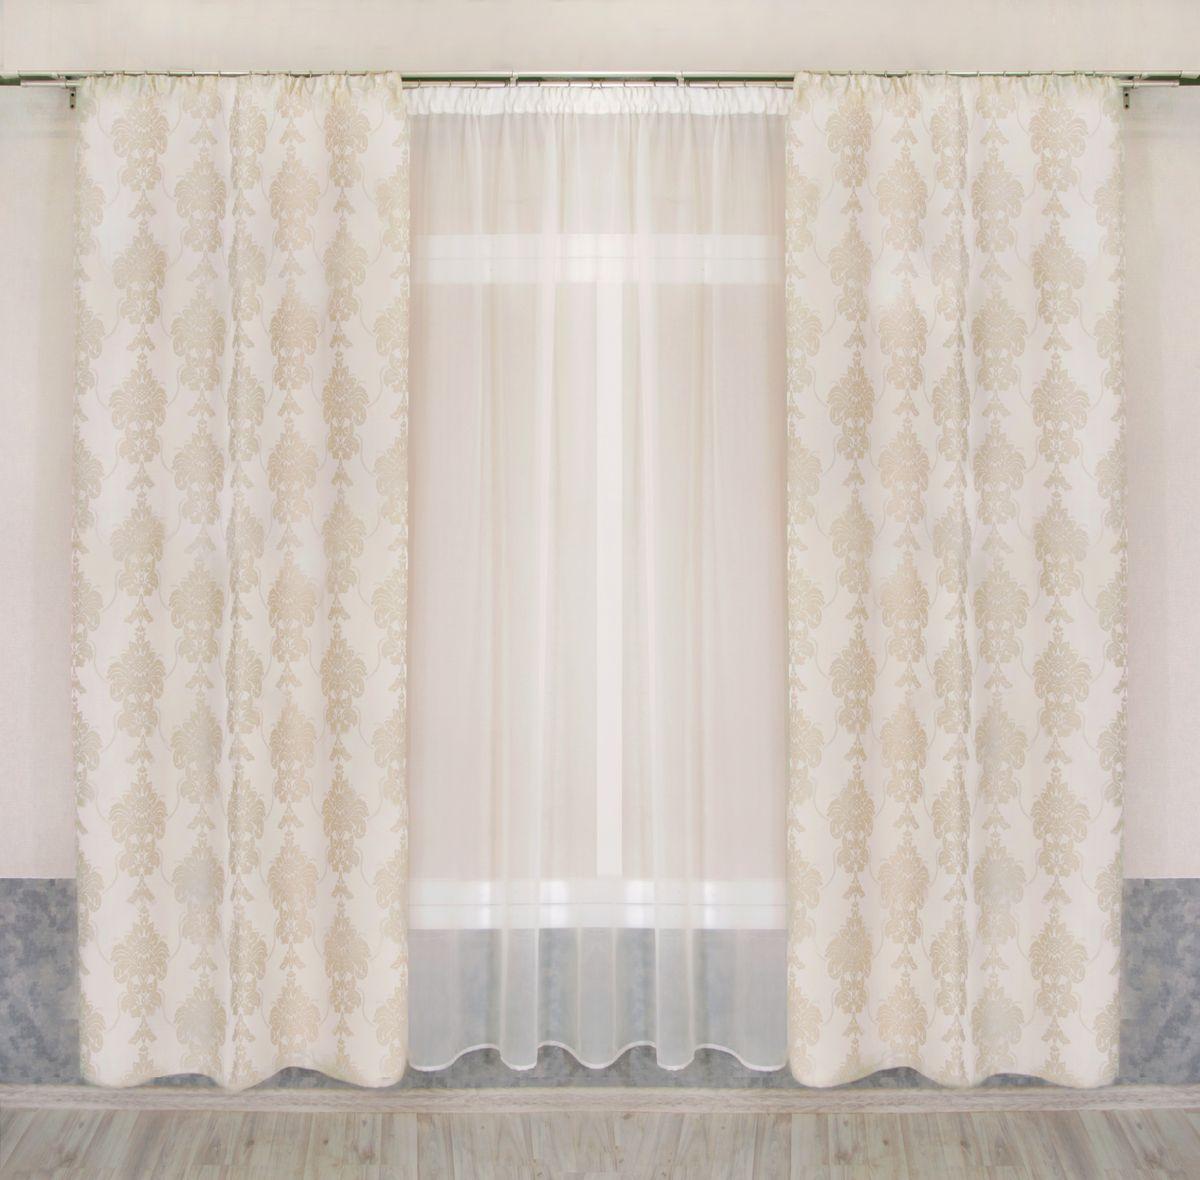 Комплект штор Zlata Korunka, на ленте, цвет: кремовый, высота 250 см. 777109777109Комплект штор Zlata Korunka, выполненный из полиэстера, великолепно украсит любое окно. Комплект состоит из тюля и двух штор. Изящный узор и приятная цветовая гамма привлекут к себе внимание и органично впишутся в интерьер помещения. Этот комплект будет долгое время радовать вас и вашу семью!Комплект крепится на карниз при помощи ленты, которая поможет красиво и равномерно задрапировать верх.